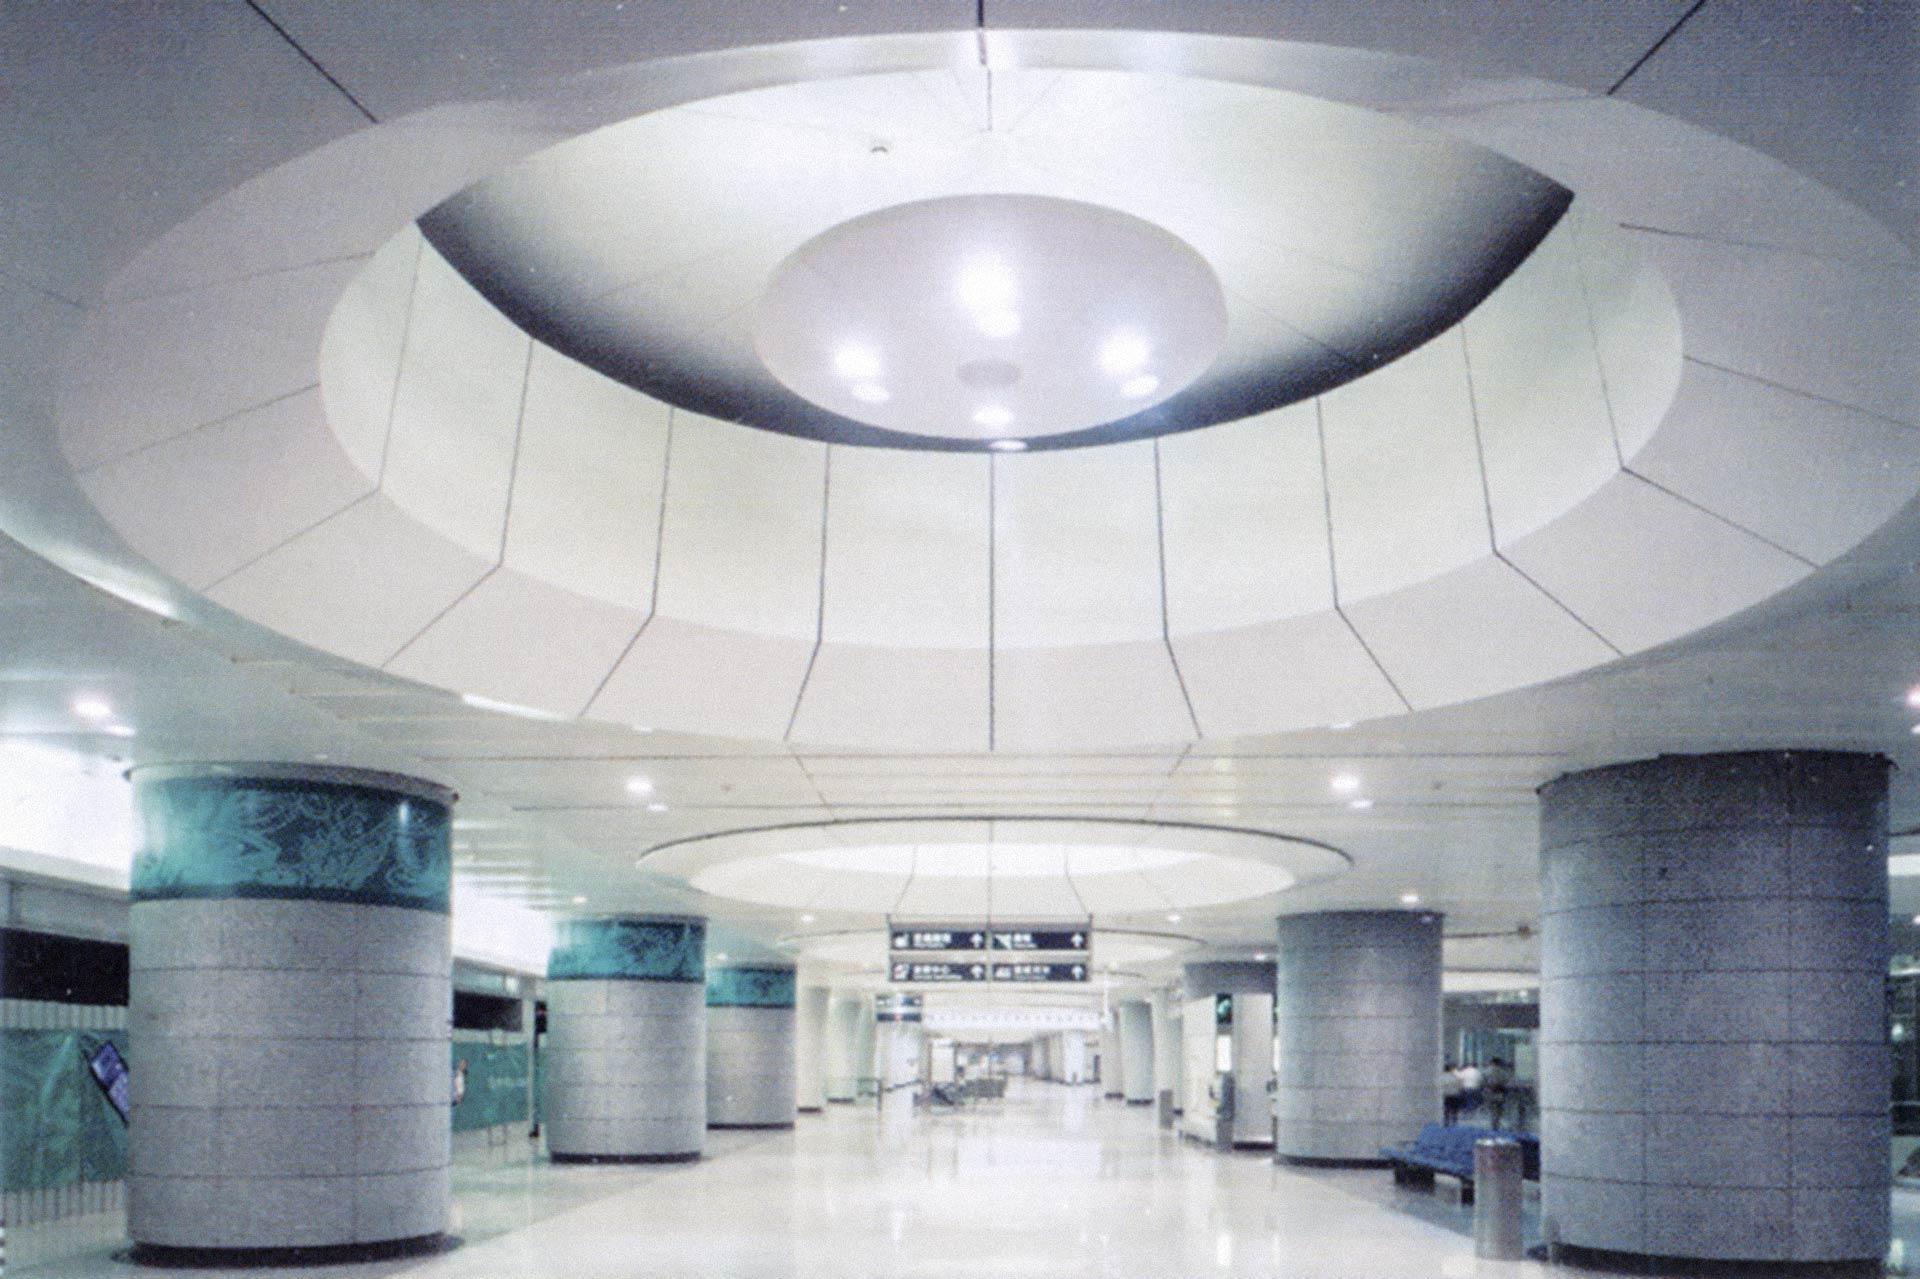 Interior painted metal systems, Kowloon Station, Hong Kong.